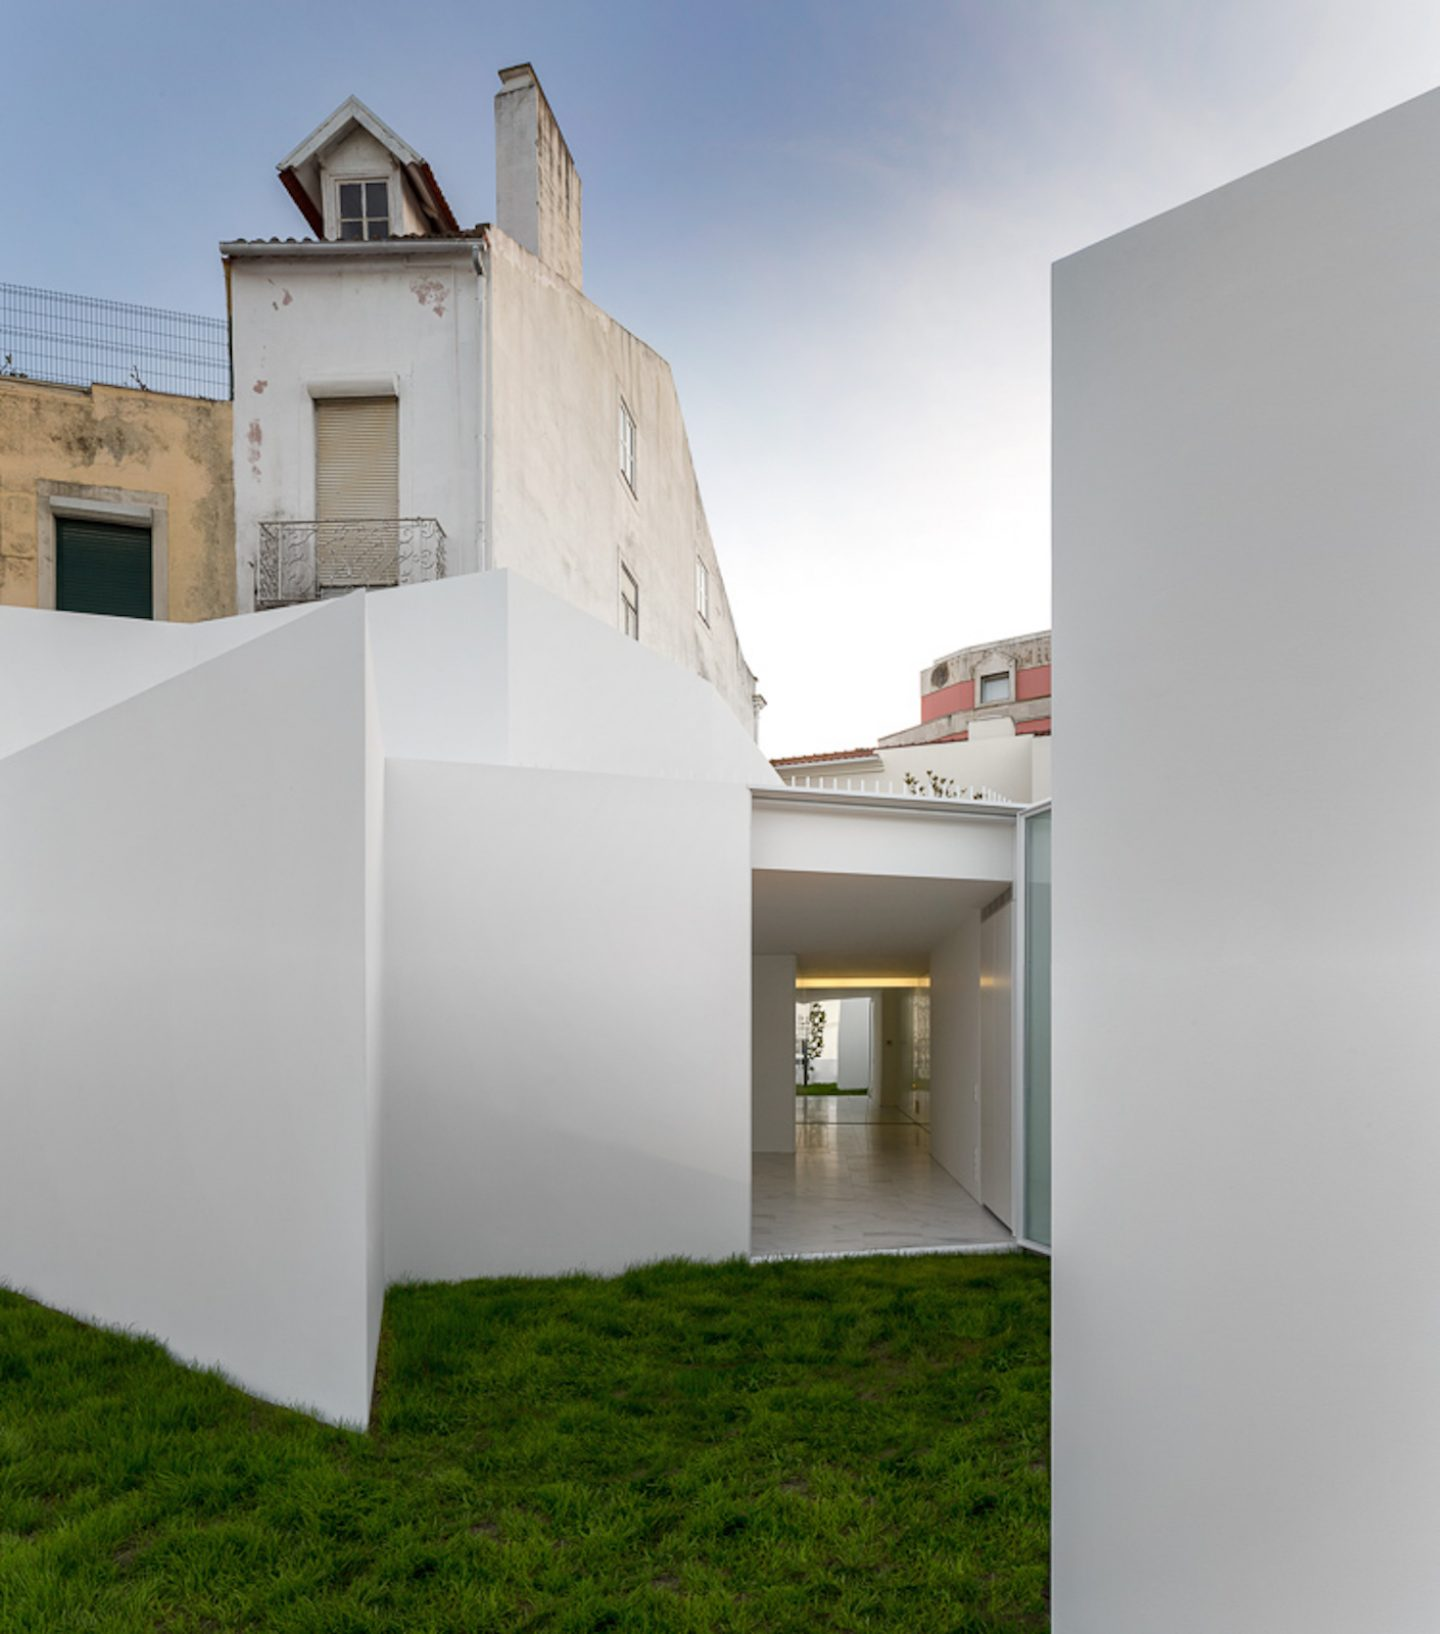 architecture_airesmateus_alcobaca_04